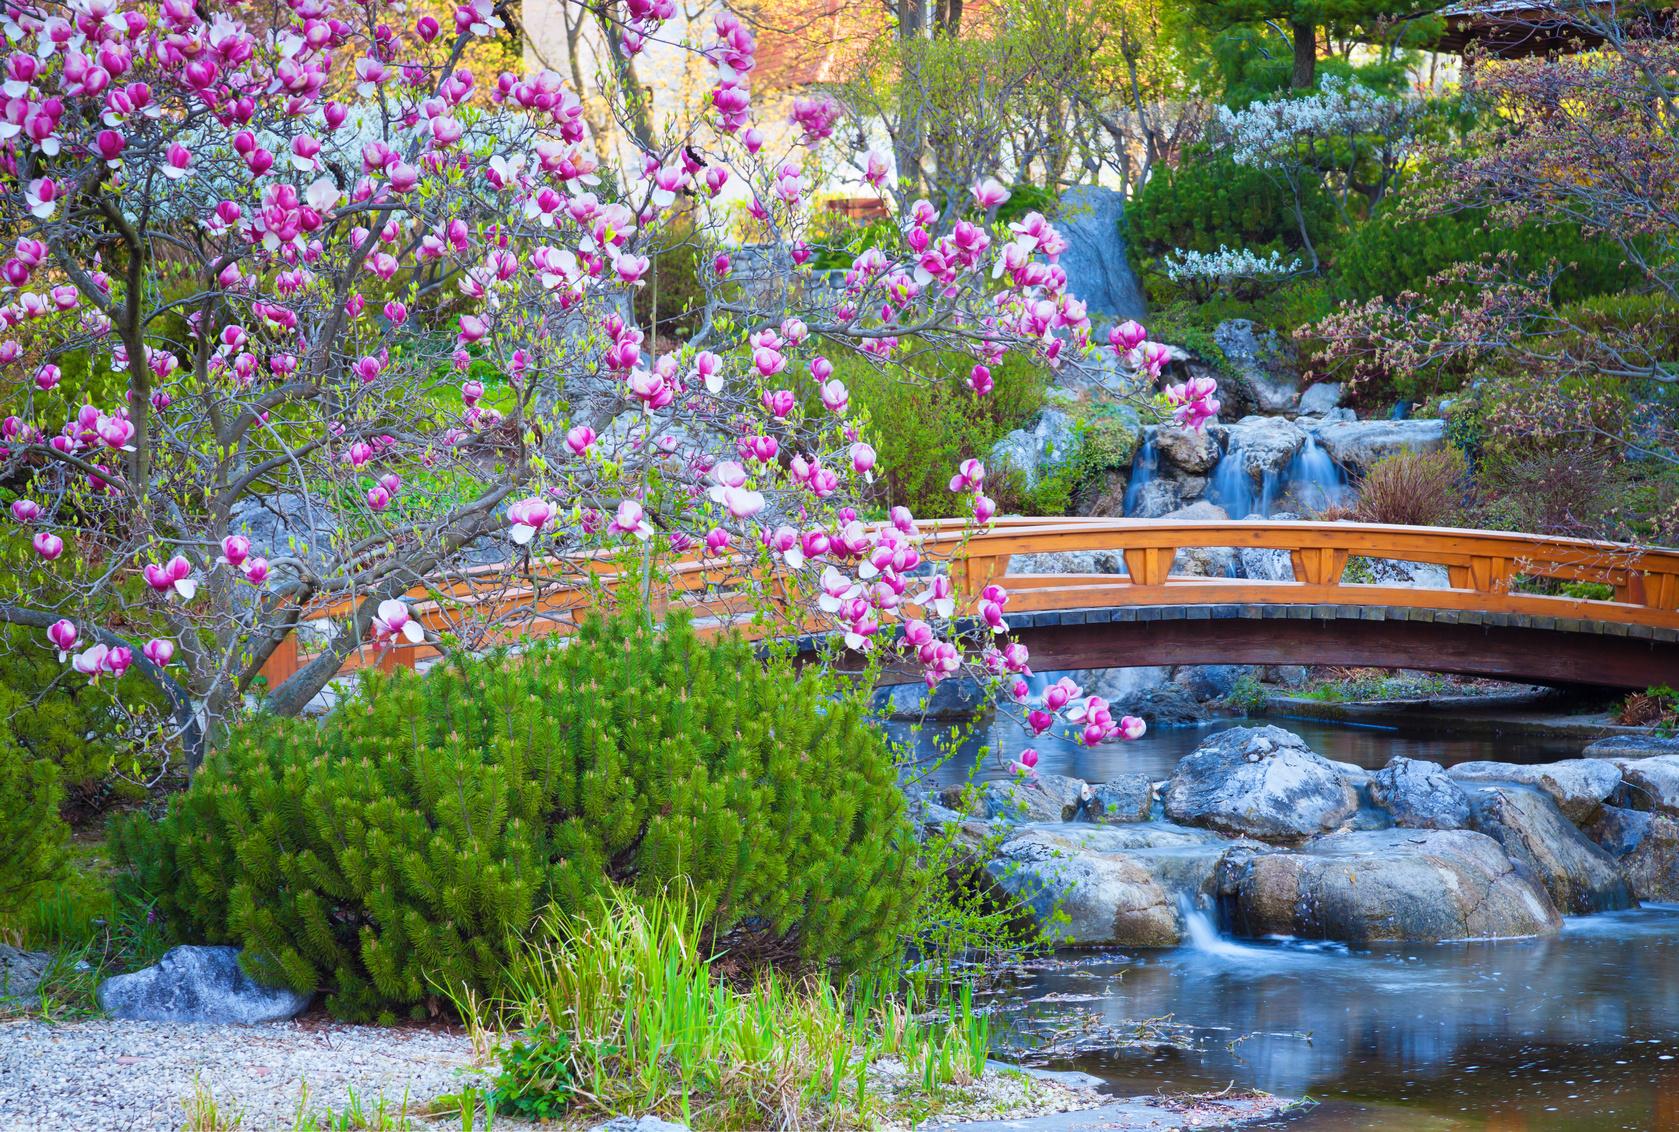 Les jardins paysagers l'esprit japonais en vogue